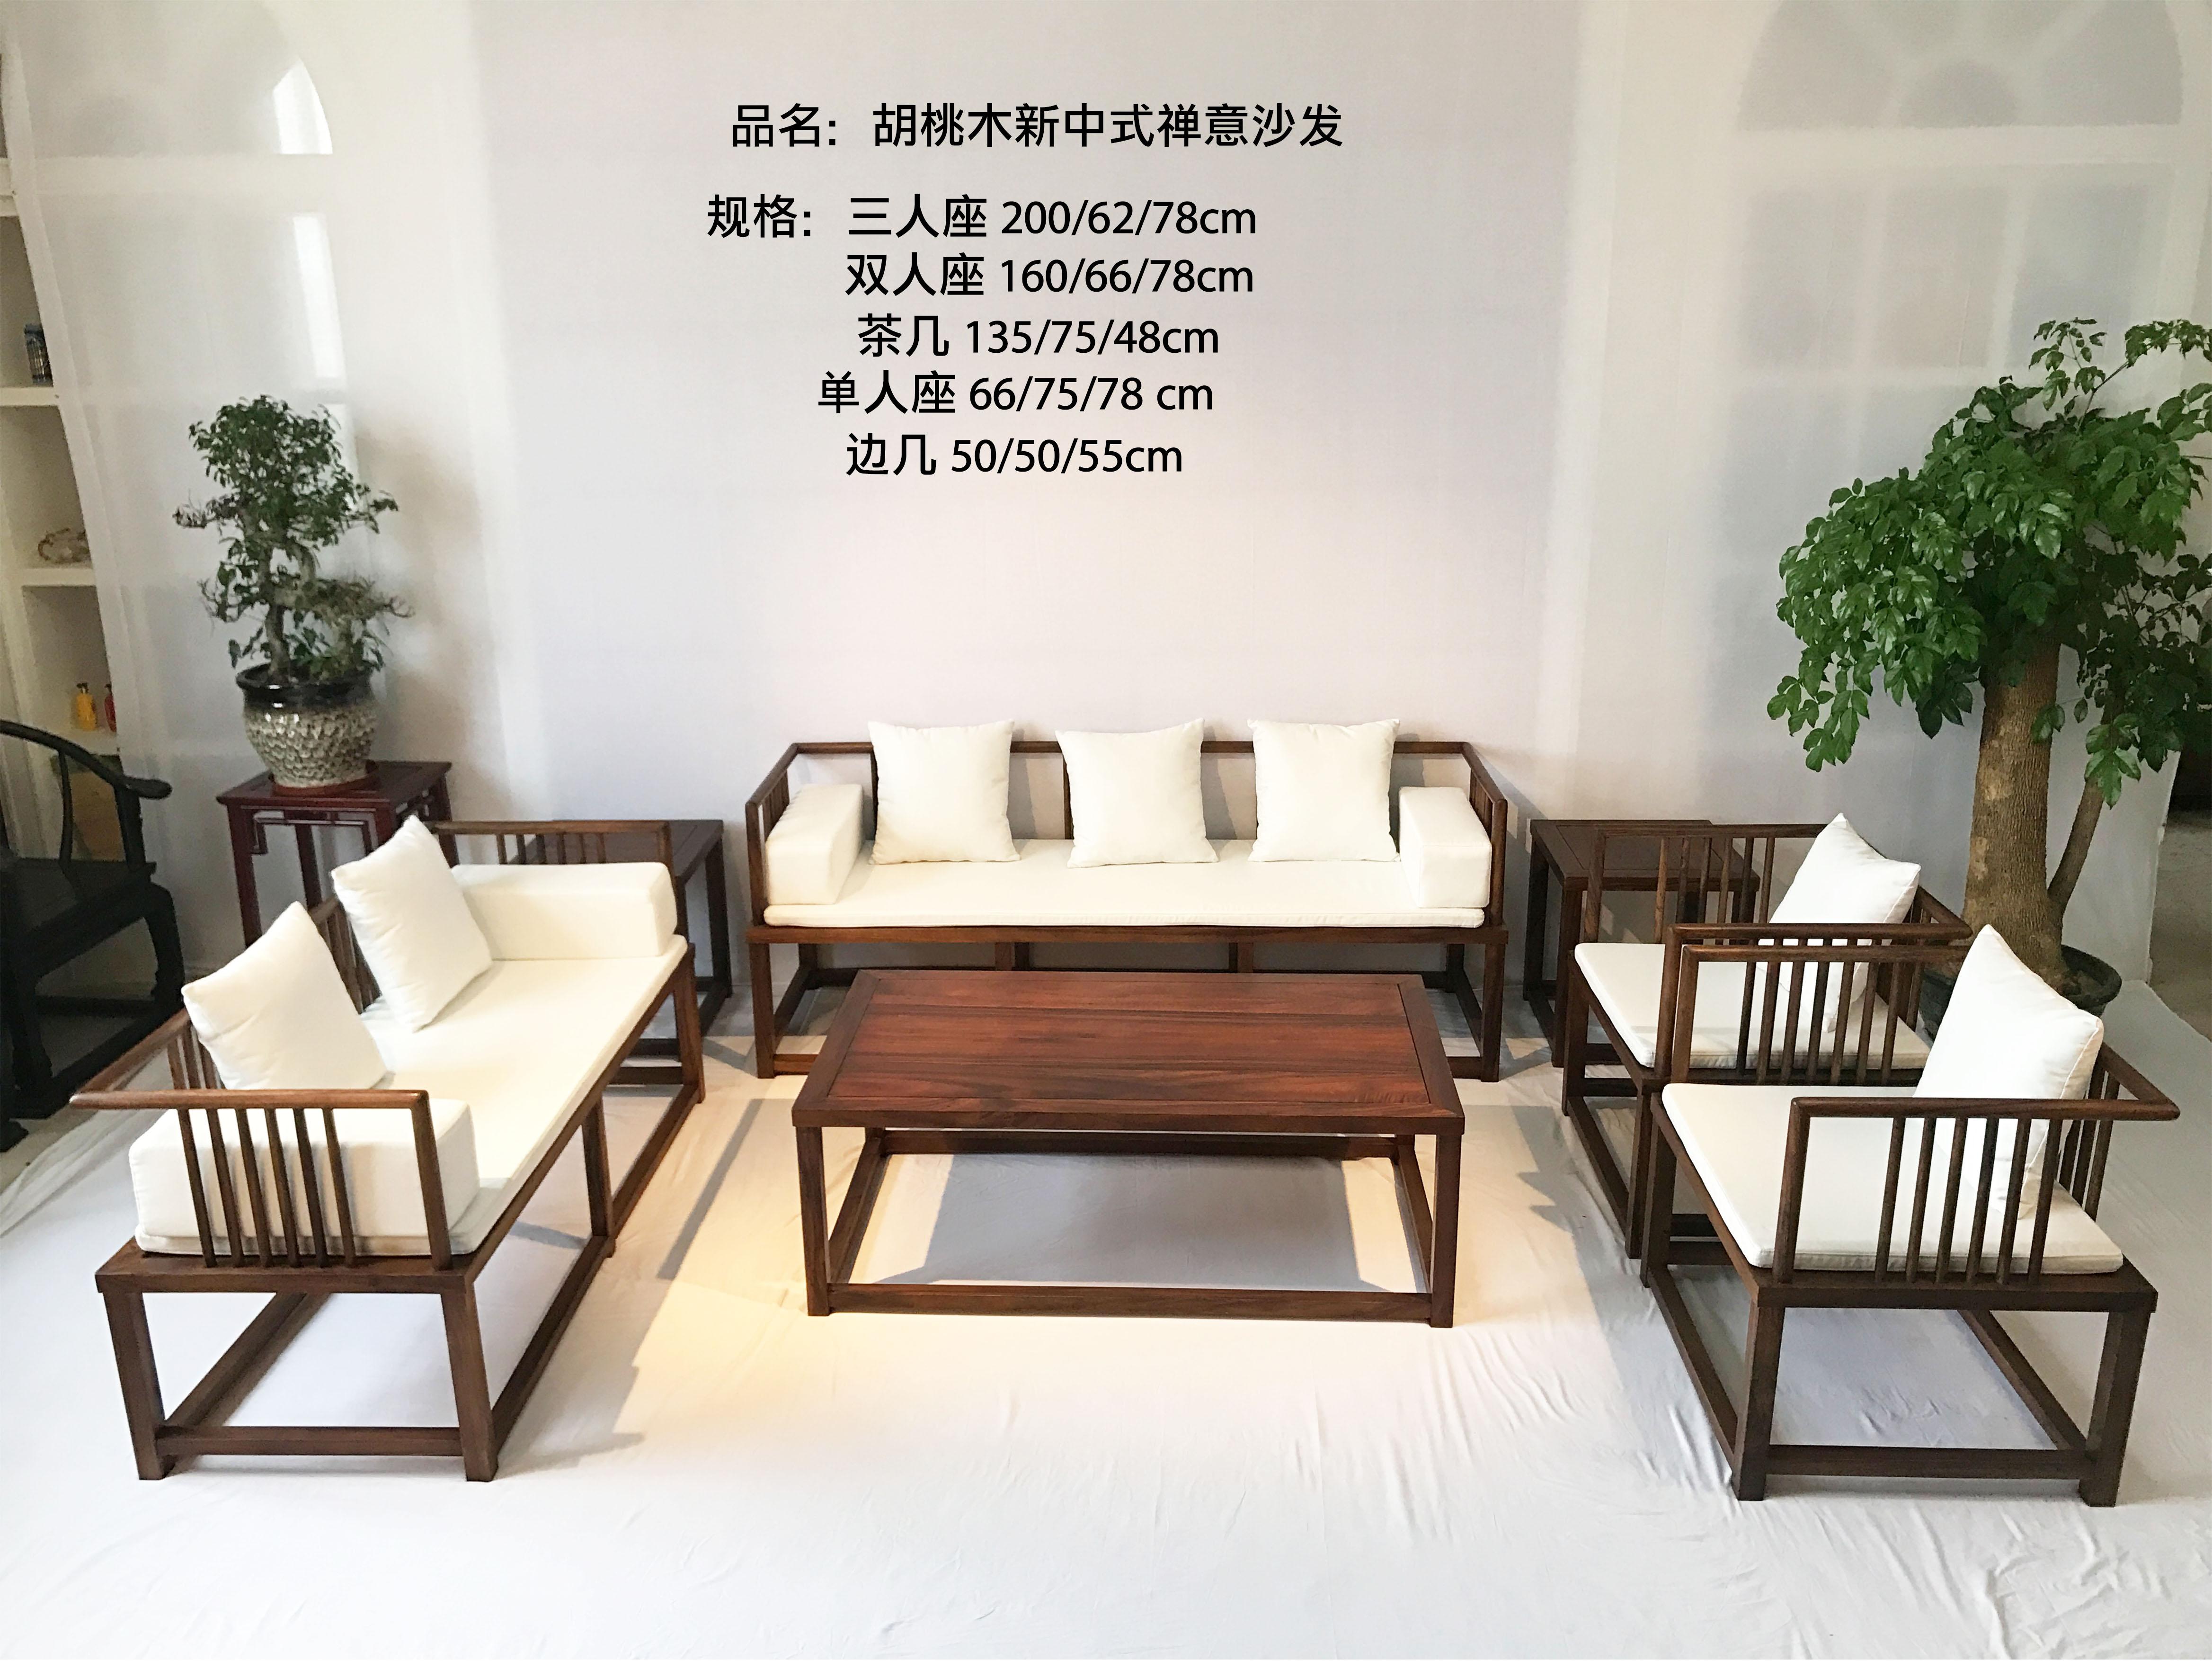 京碧家具支持定制全榫卯结构新中式胡桃木实木沙发椅子 餐桌椅子 胡桃木实木家具  老红木明式家具 新款家具 茶桌椅组合